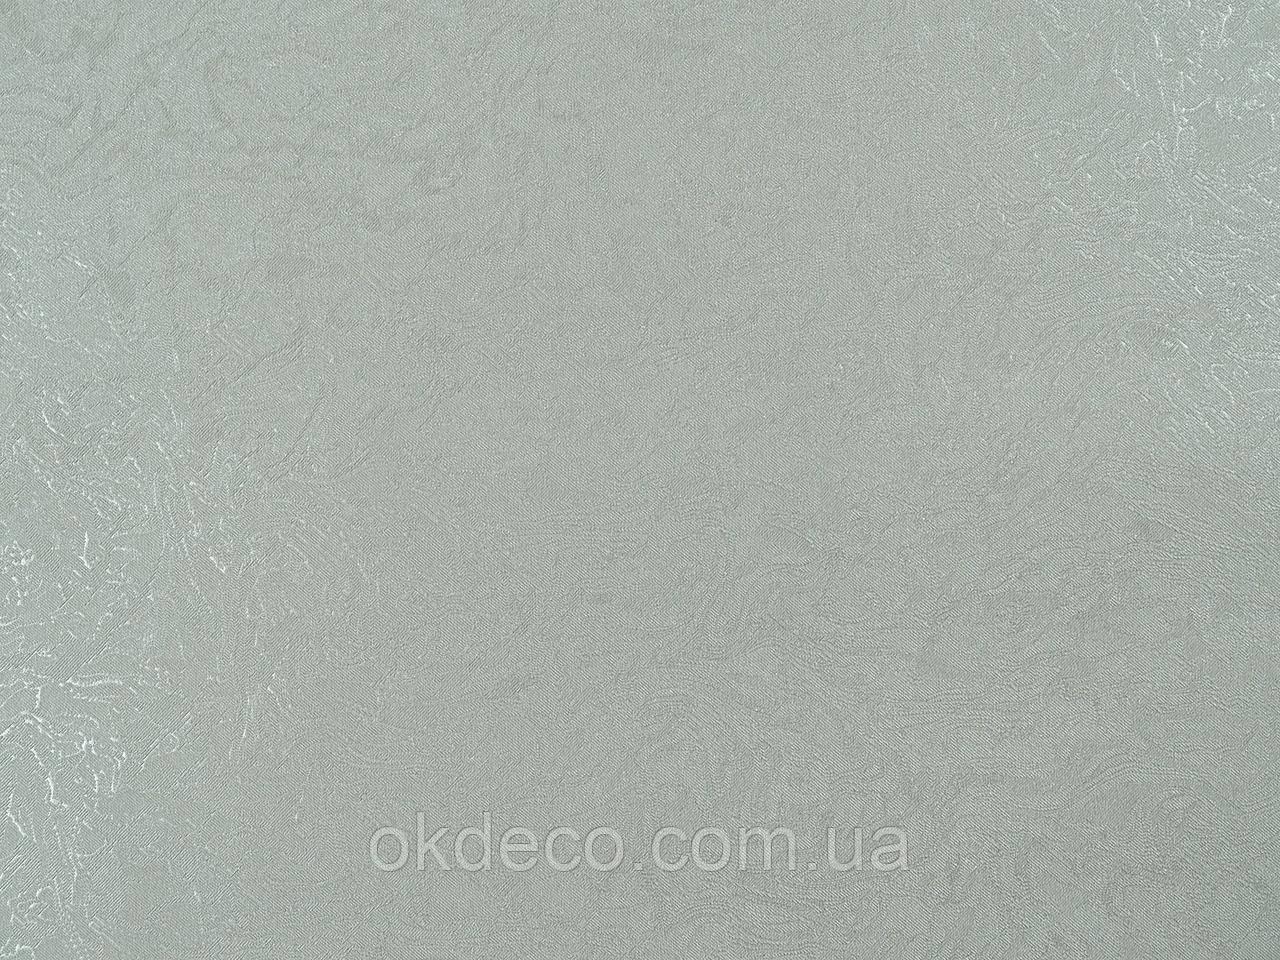 Обои виниловые на флизелиновой основе ArtGrand Assorti 936AS37